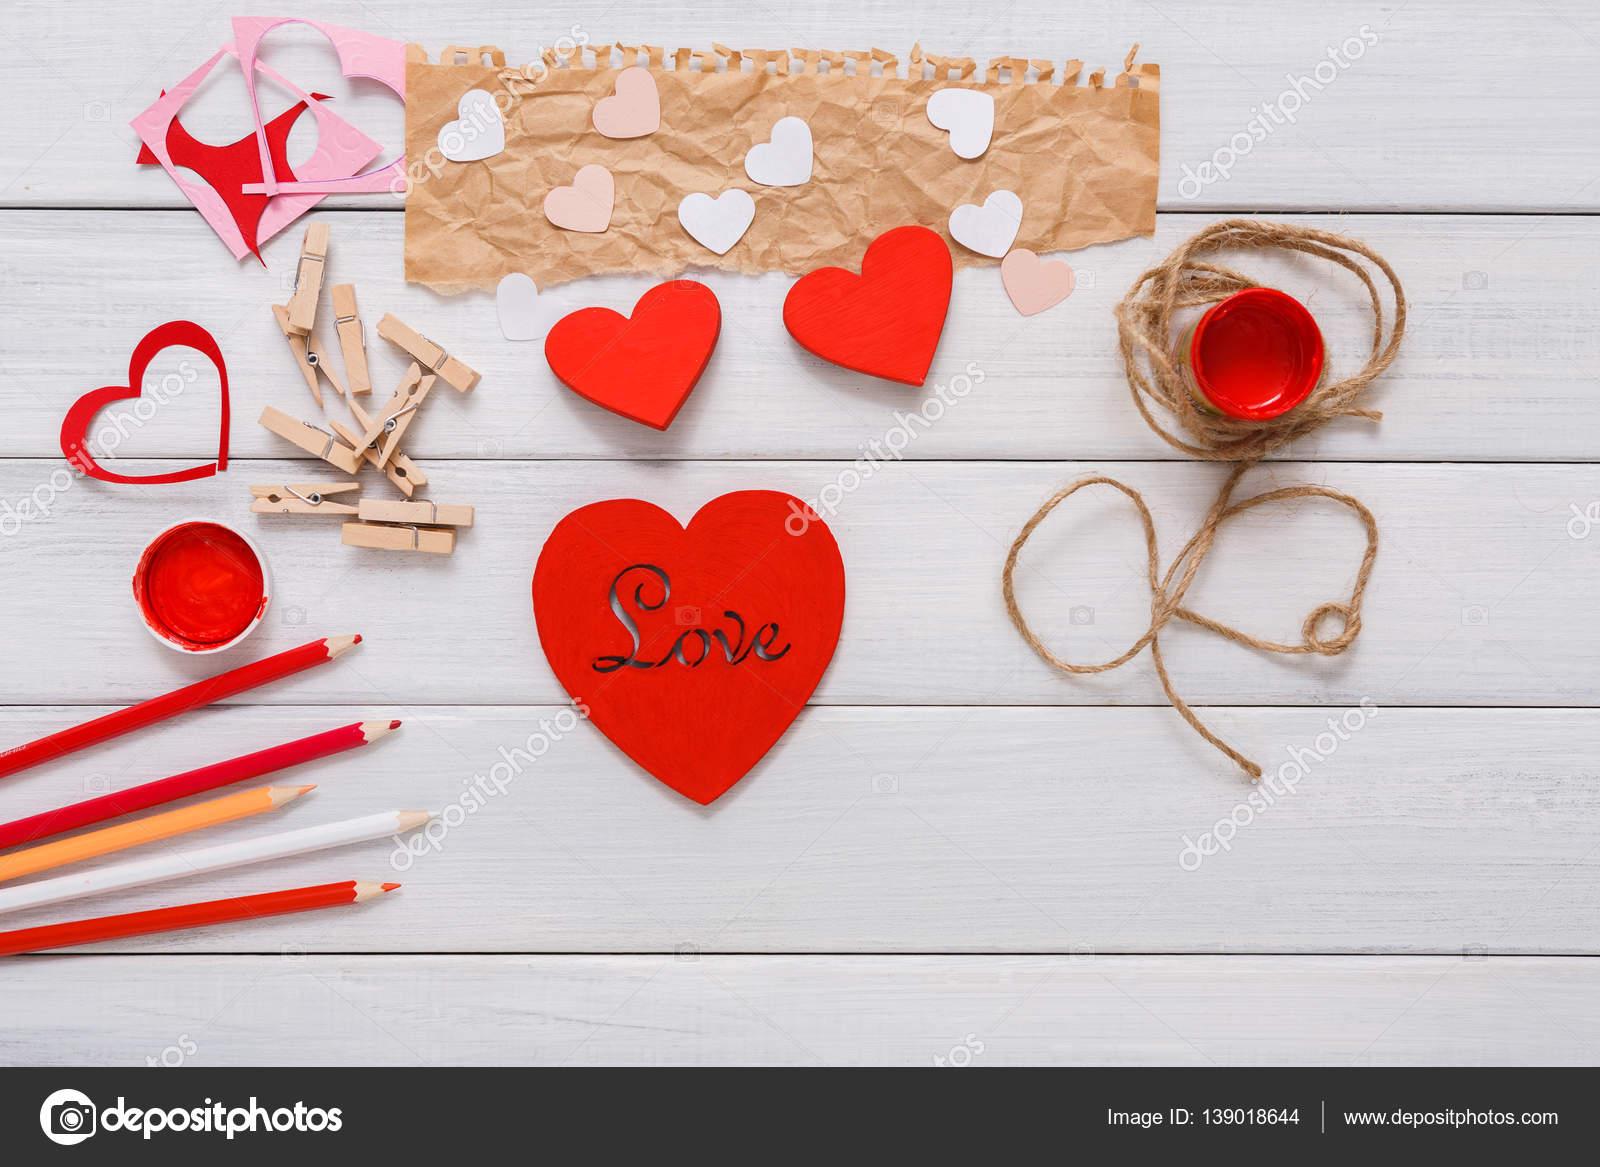 Valentine Tag DIY-handgefertigte Herzen machen, Draufsicht auf Holz ...